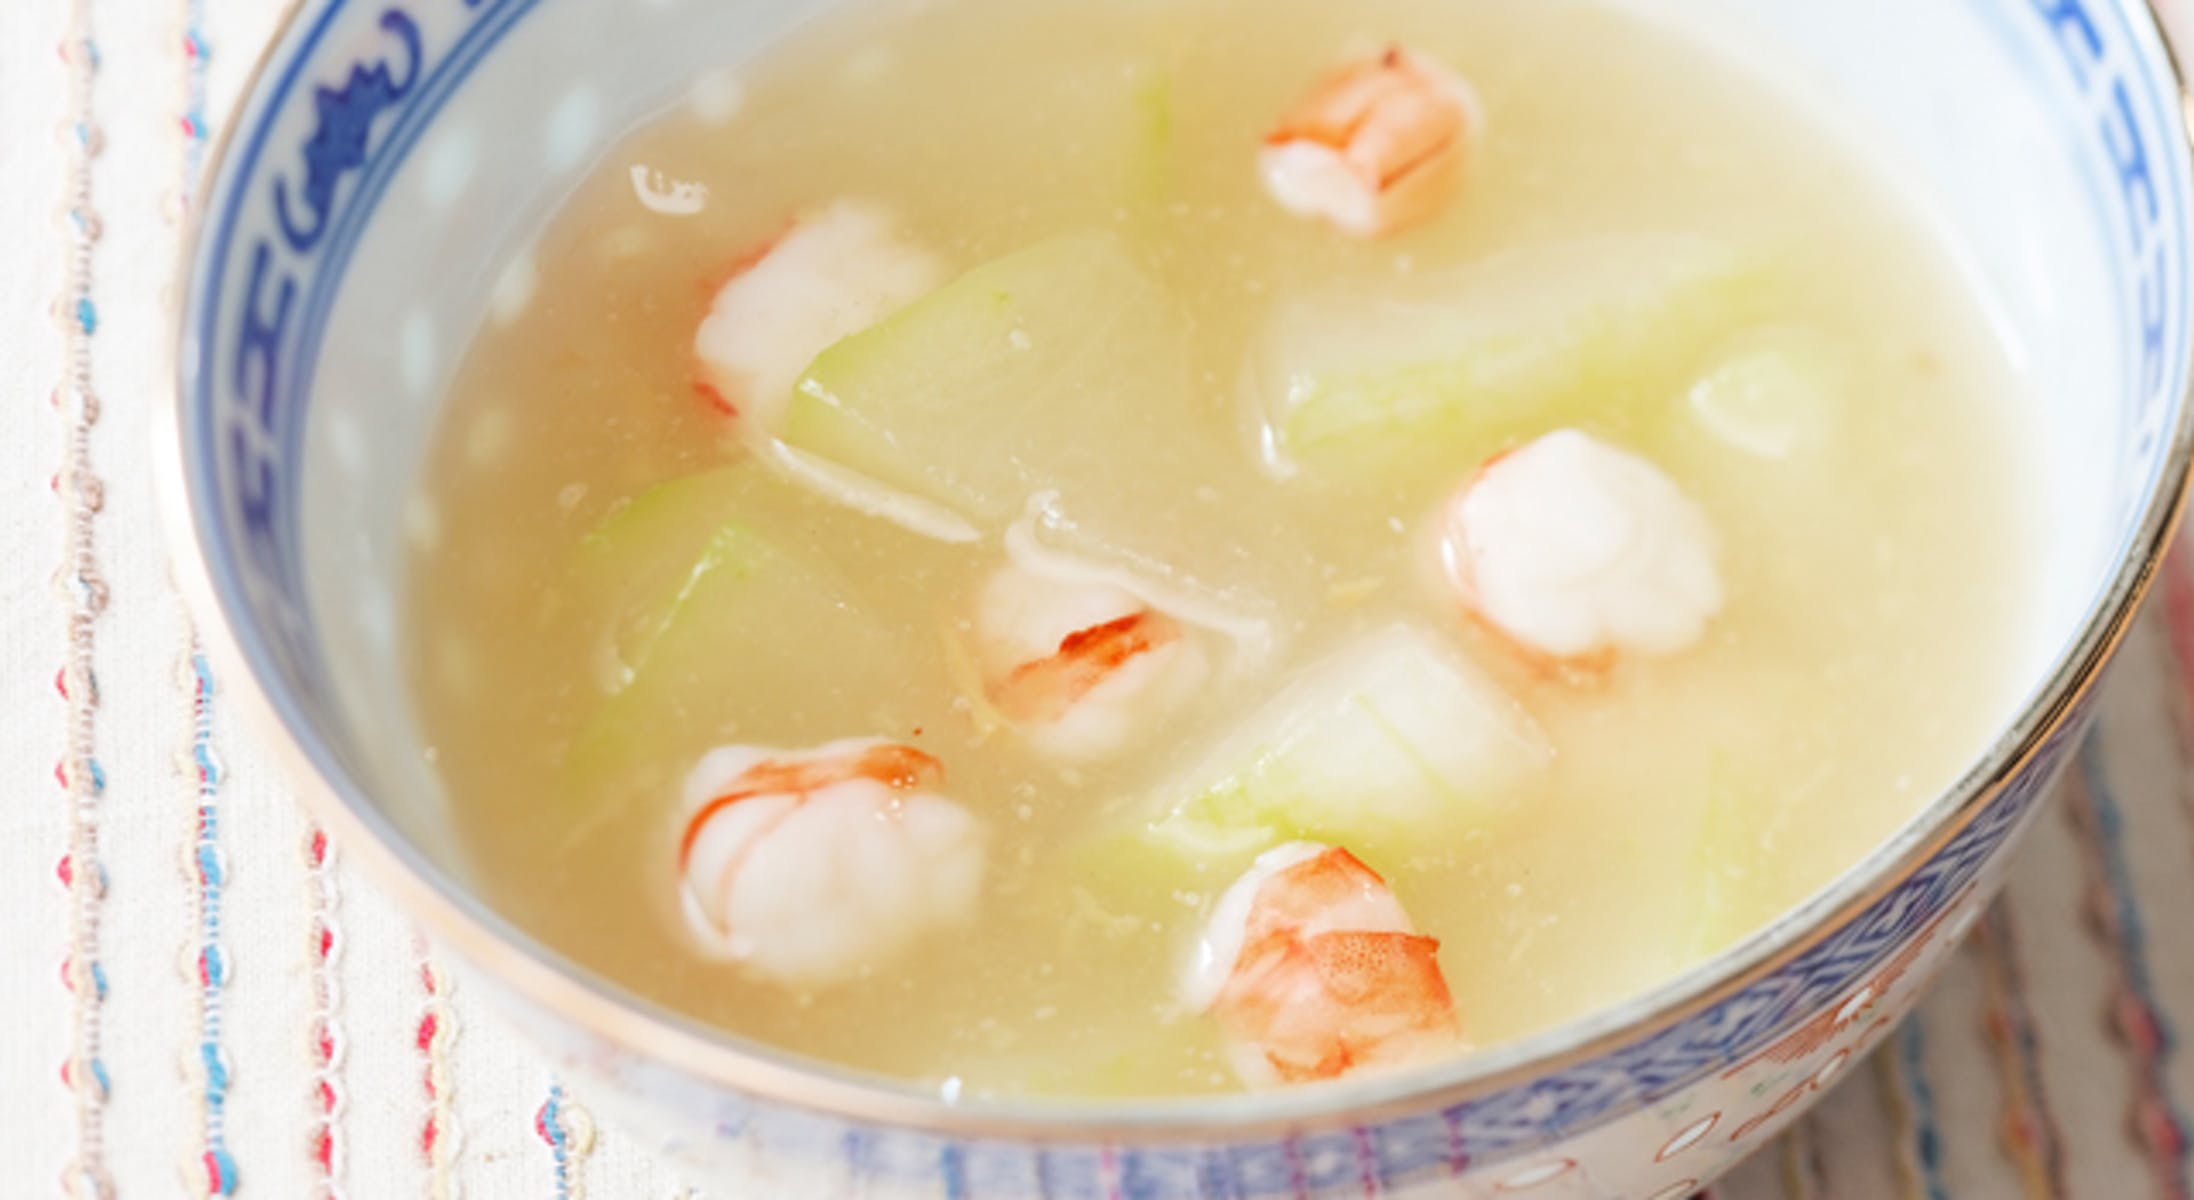 とうがんとえびのスープ